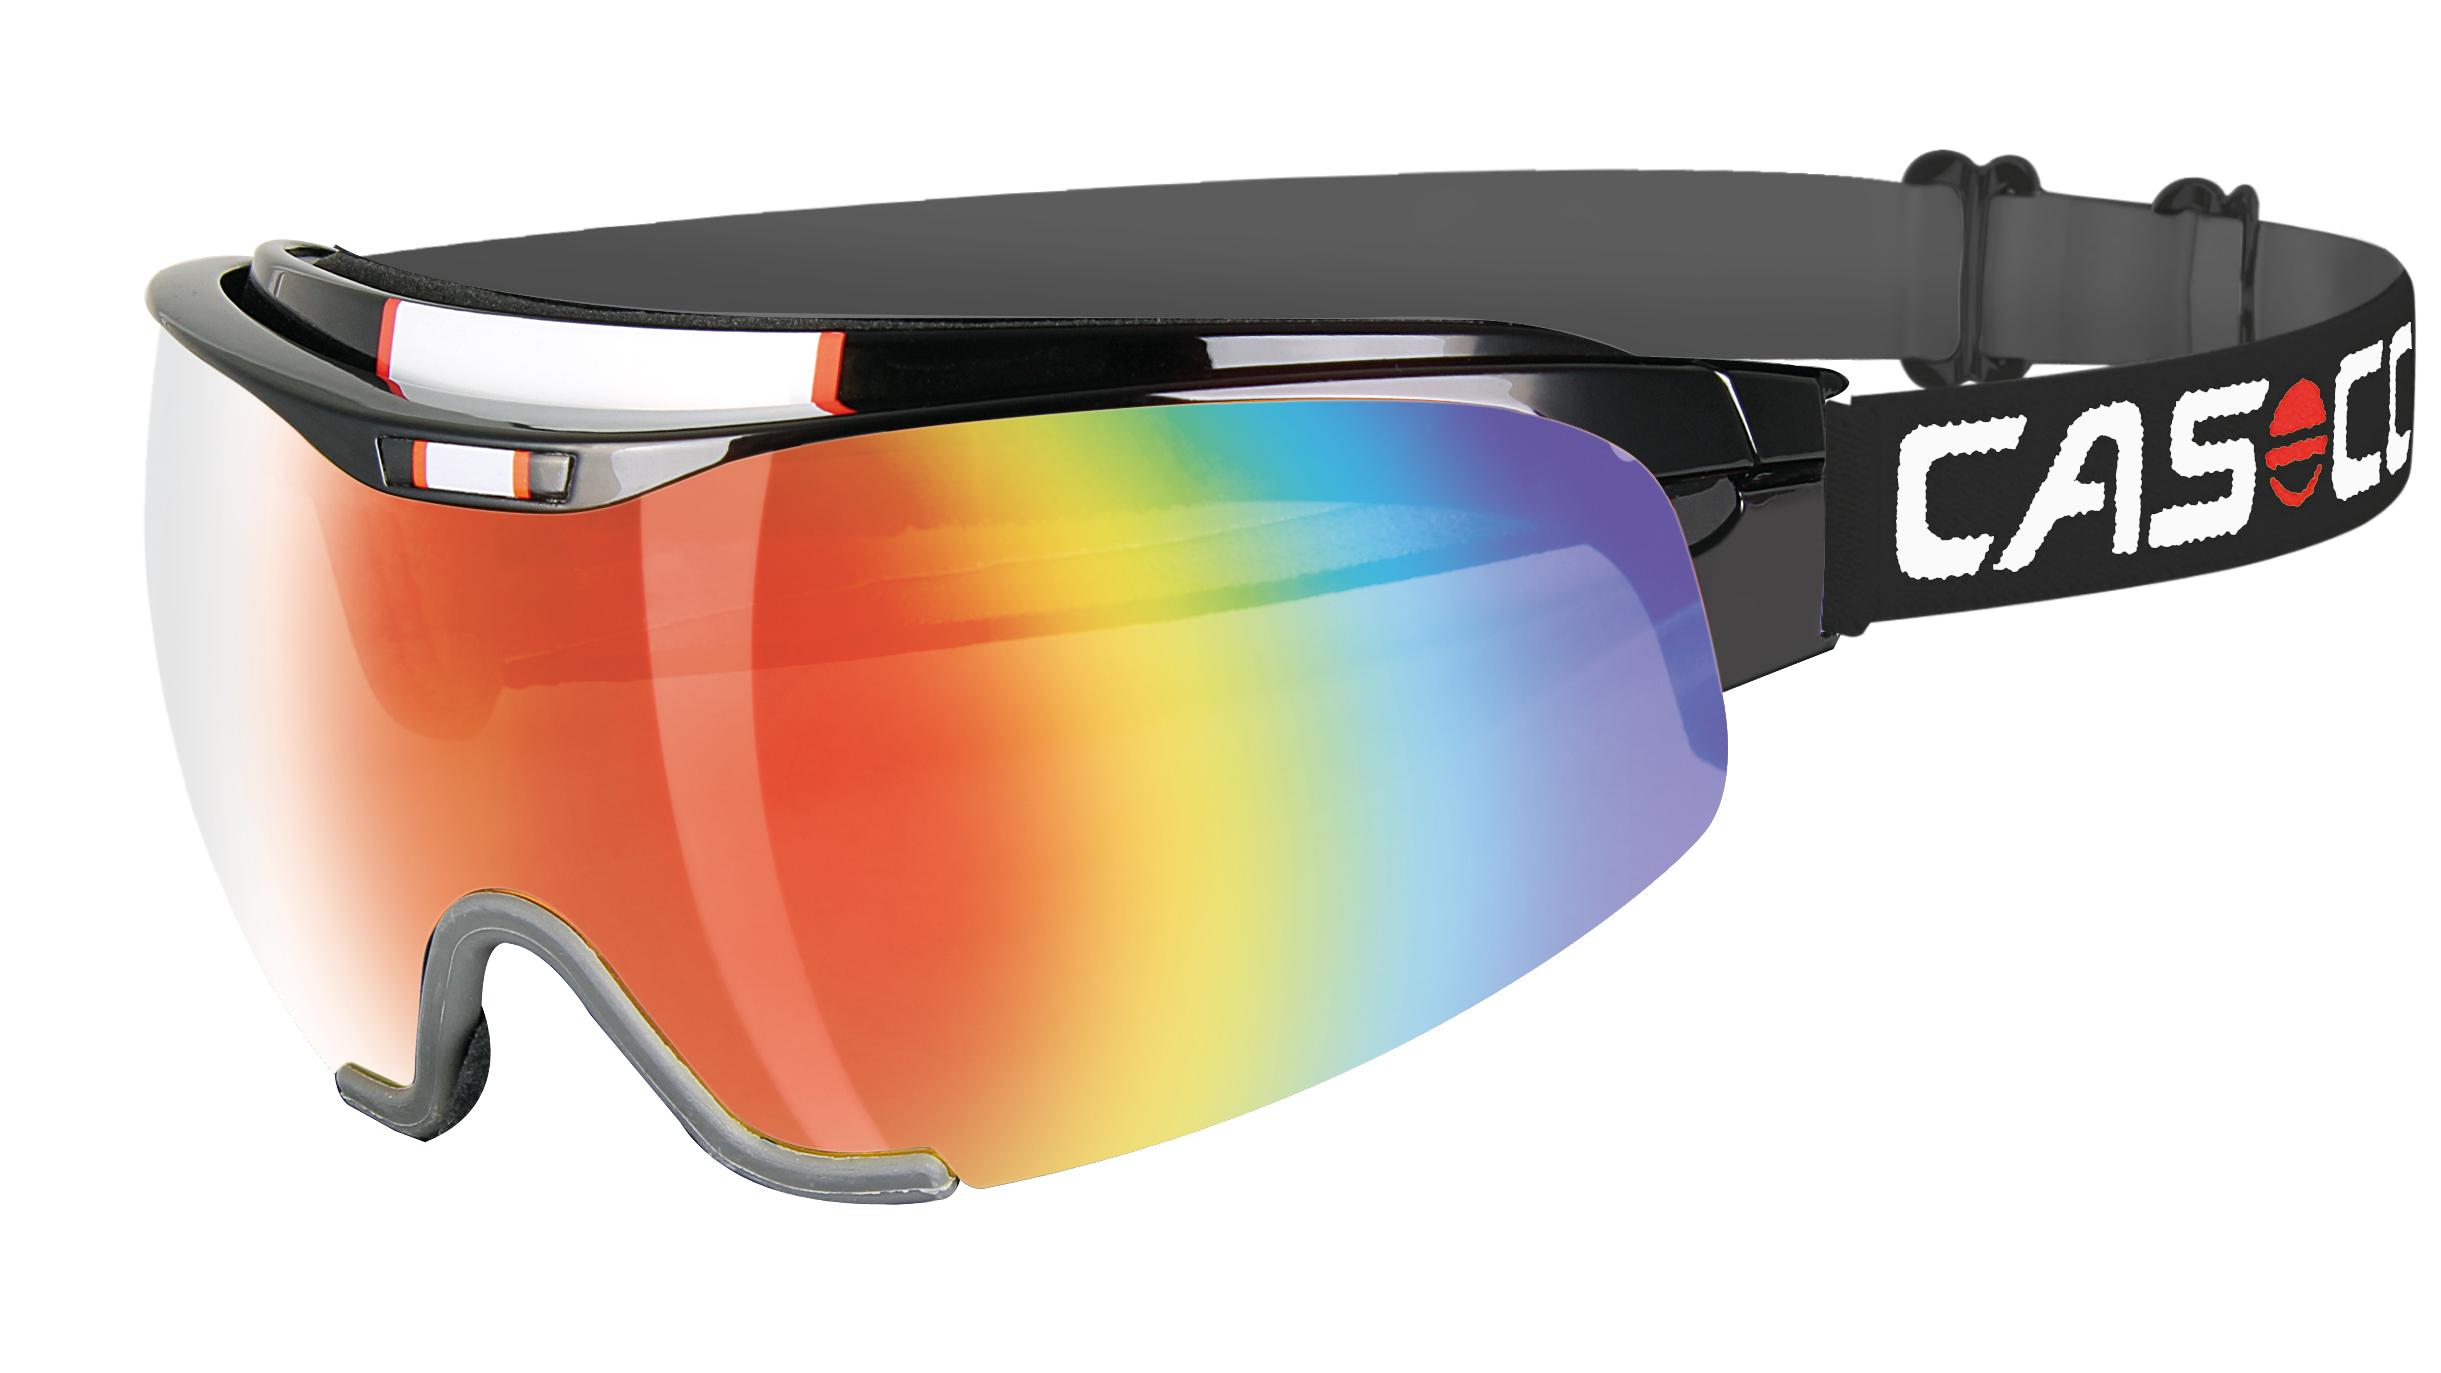 CASCO Spirit Carbonic Black Rainbow